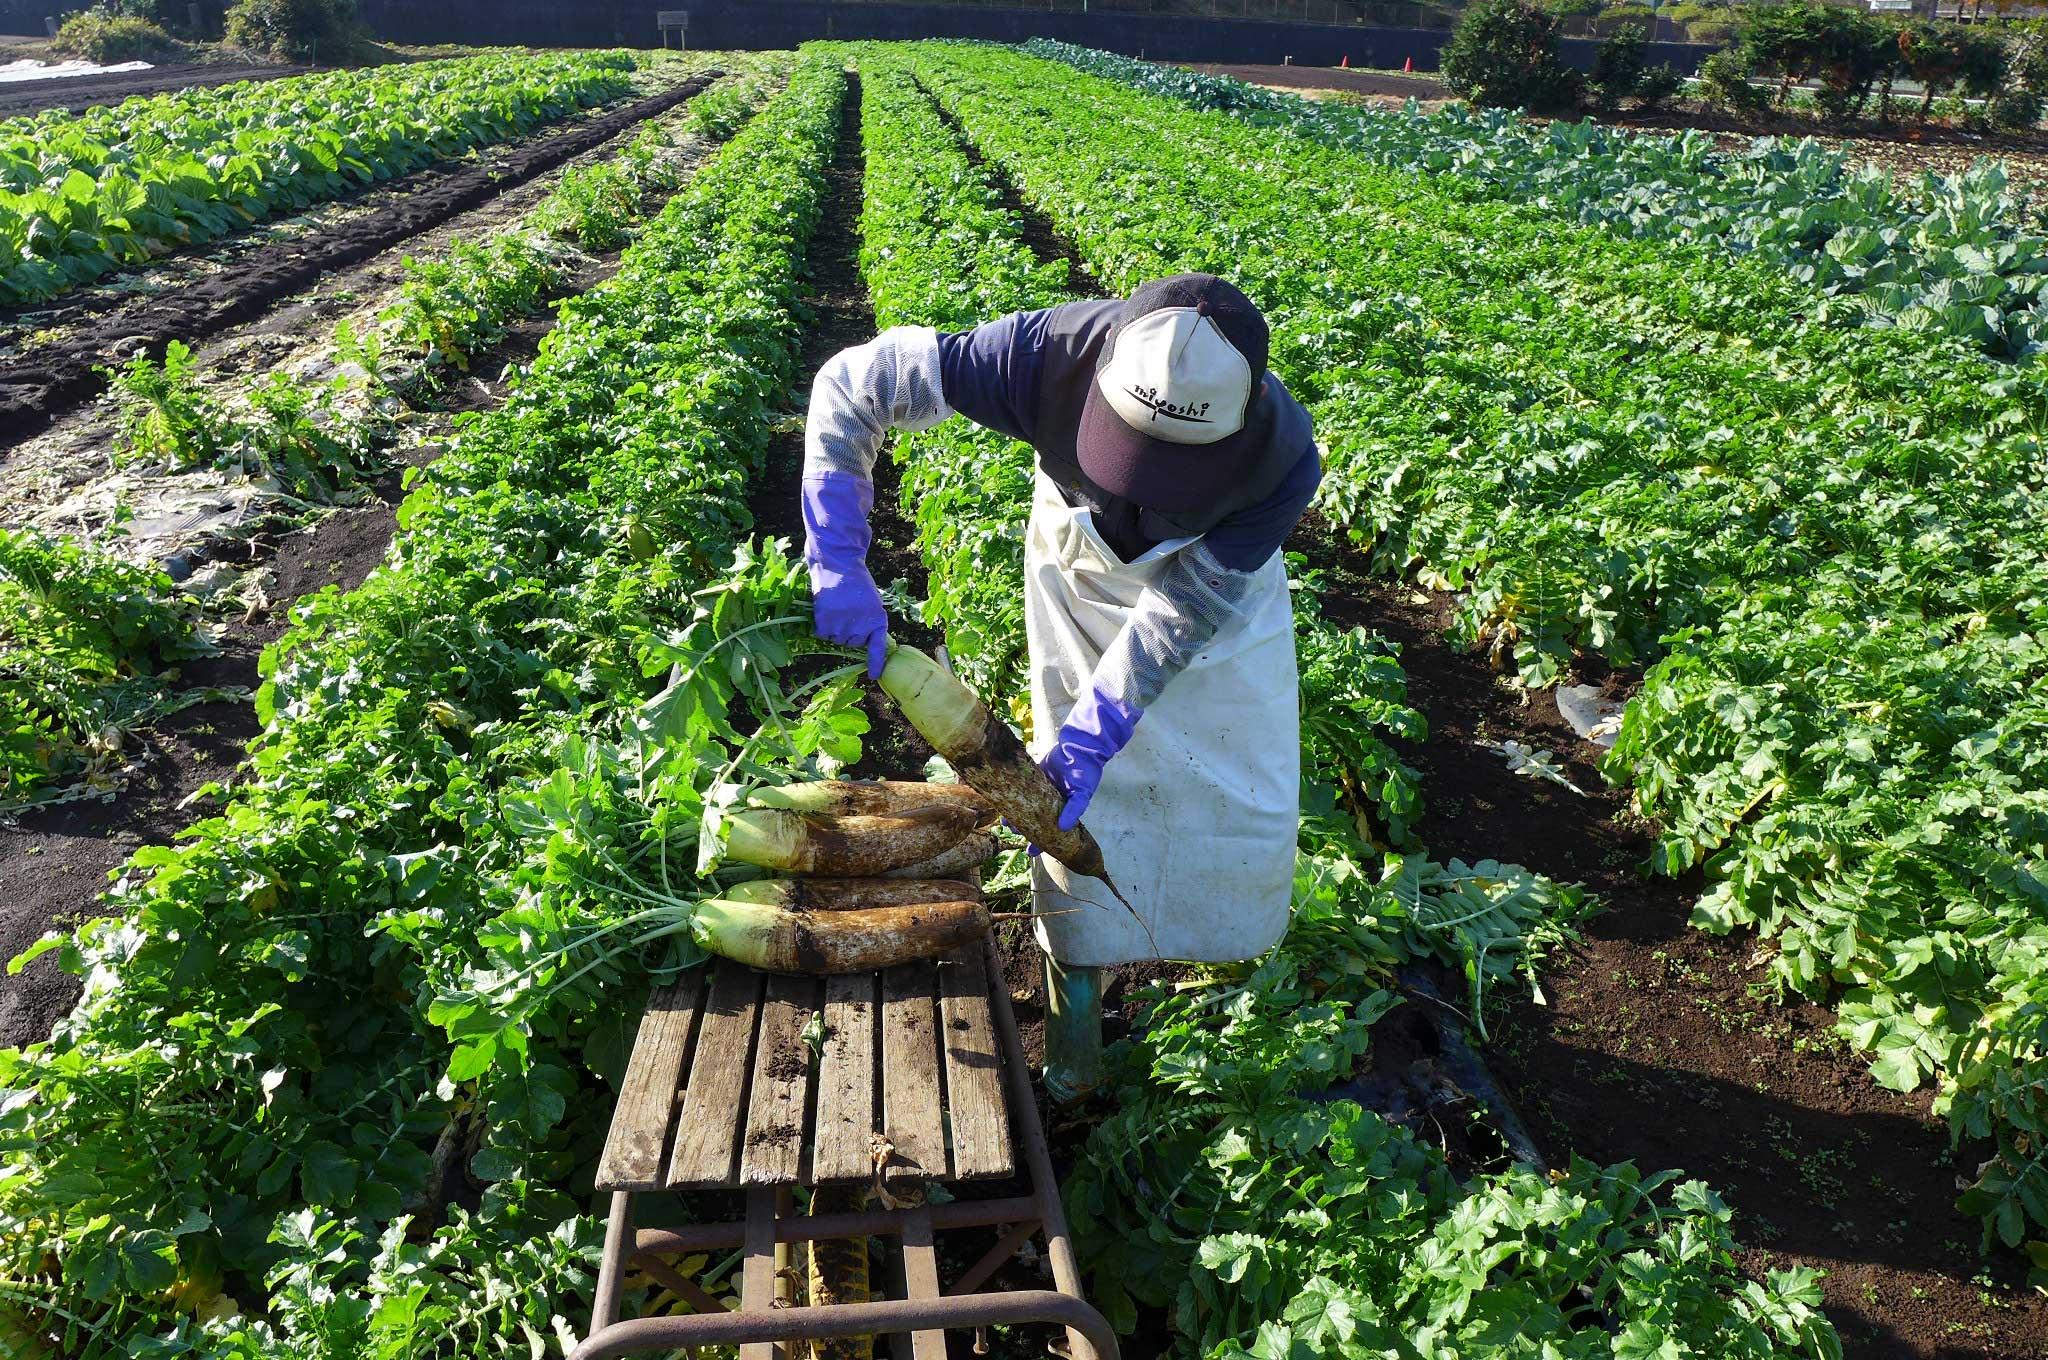 12月、横浜の畑では大根、かぶ、きゃべつ、ほうれん草、小松菜、など、たくさんの野菜が育っています